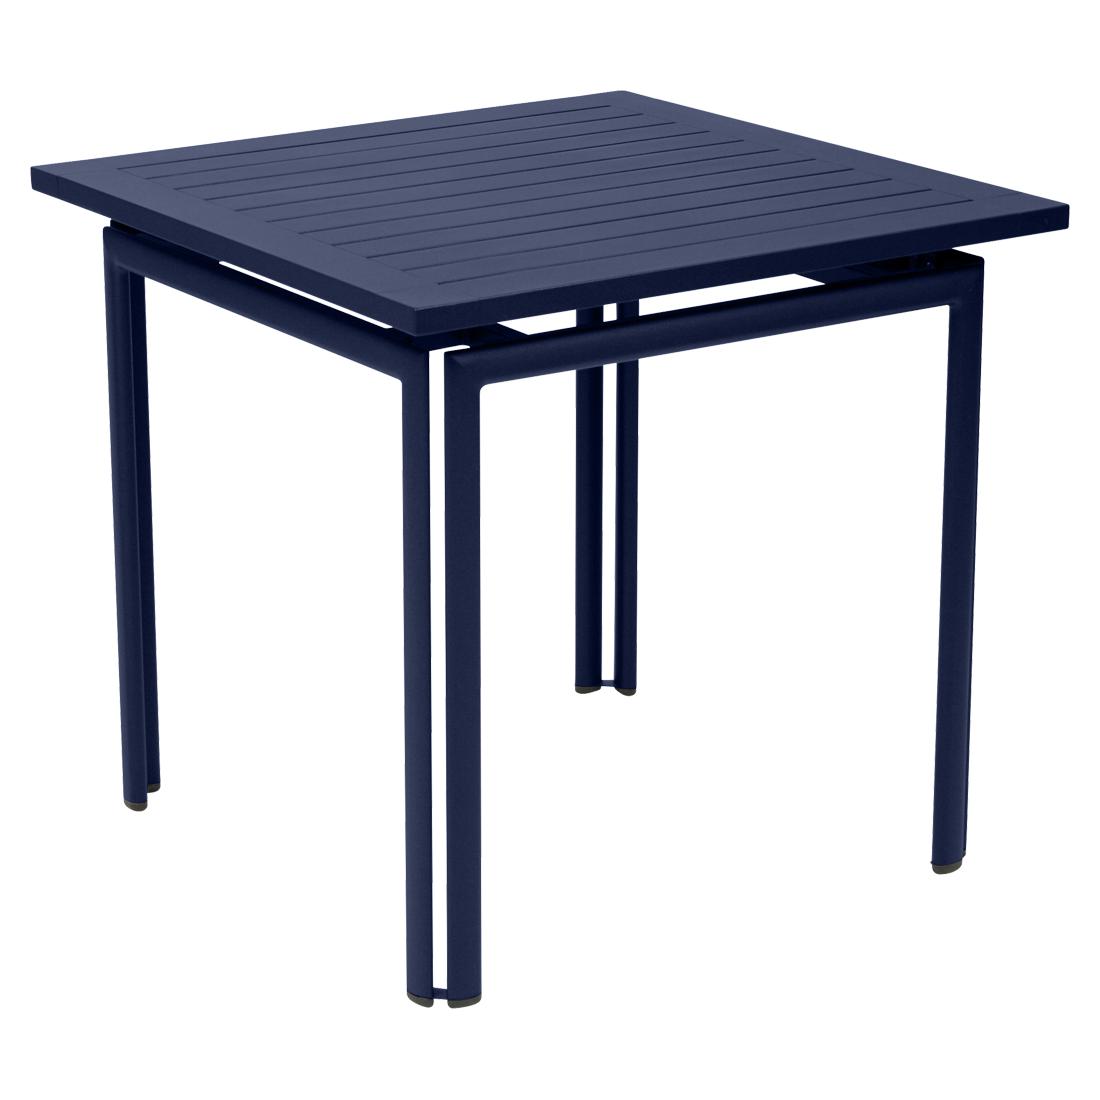 tavolo fermob costa cm 80 x 80 fiorinmaurizio